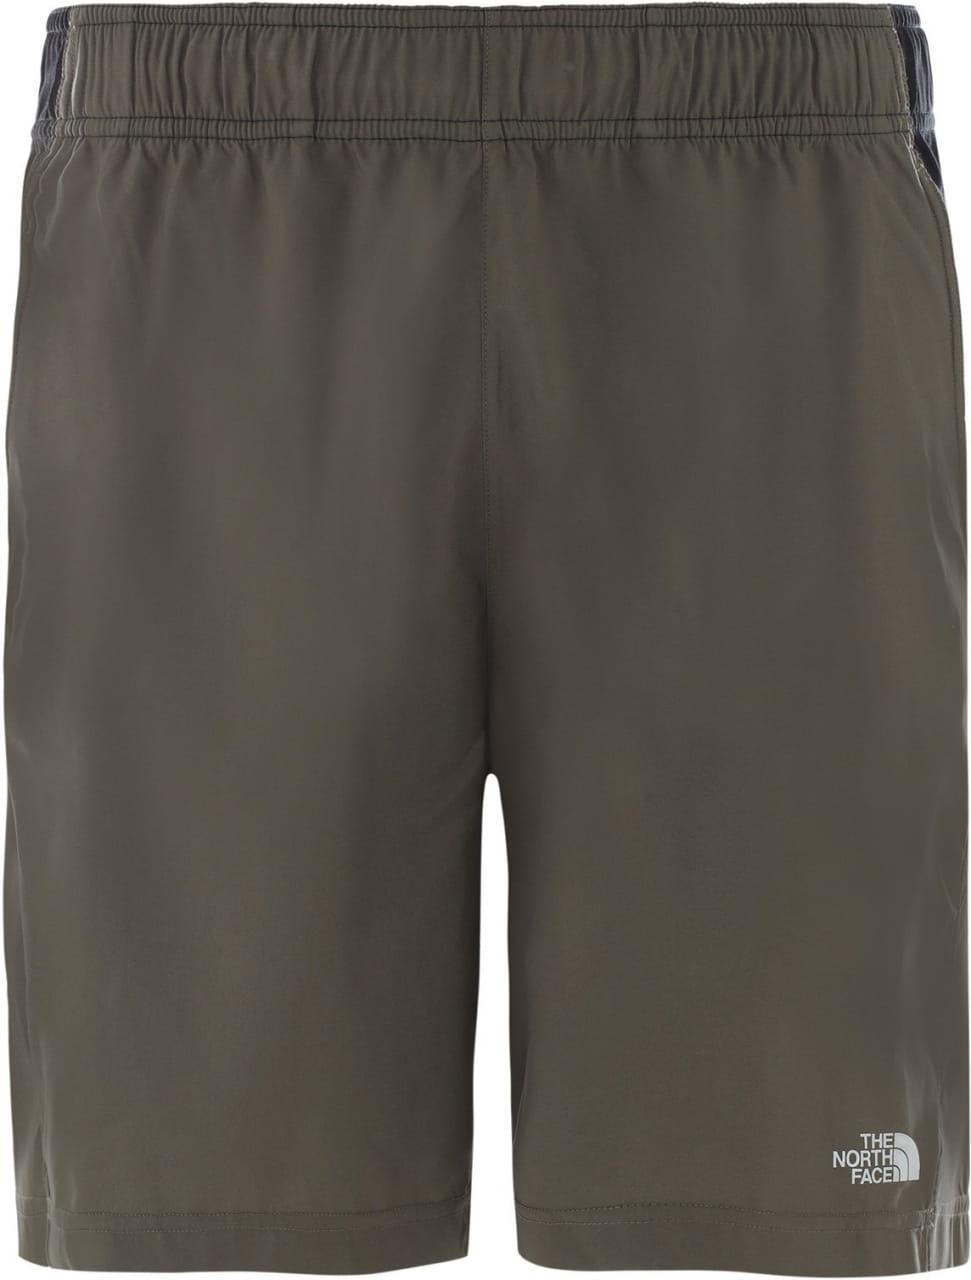 Shorts The North Face Men's 24/7 Shorts